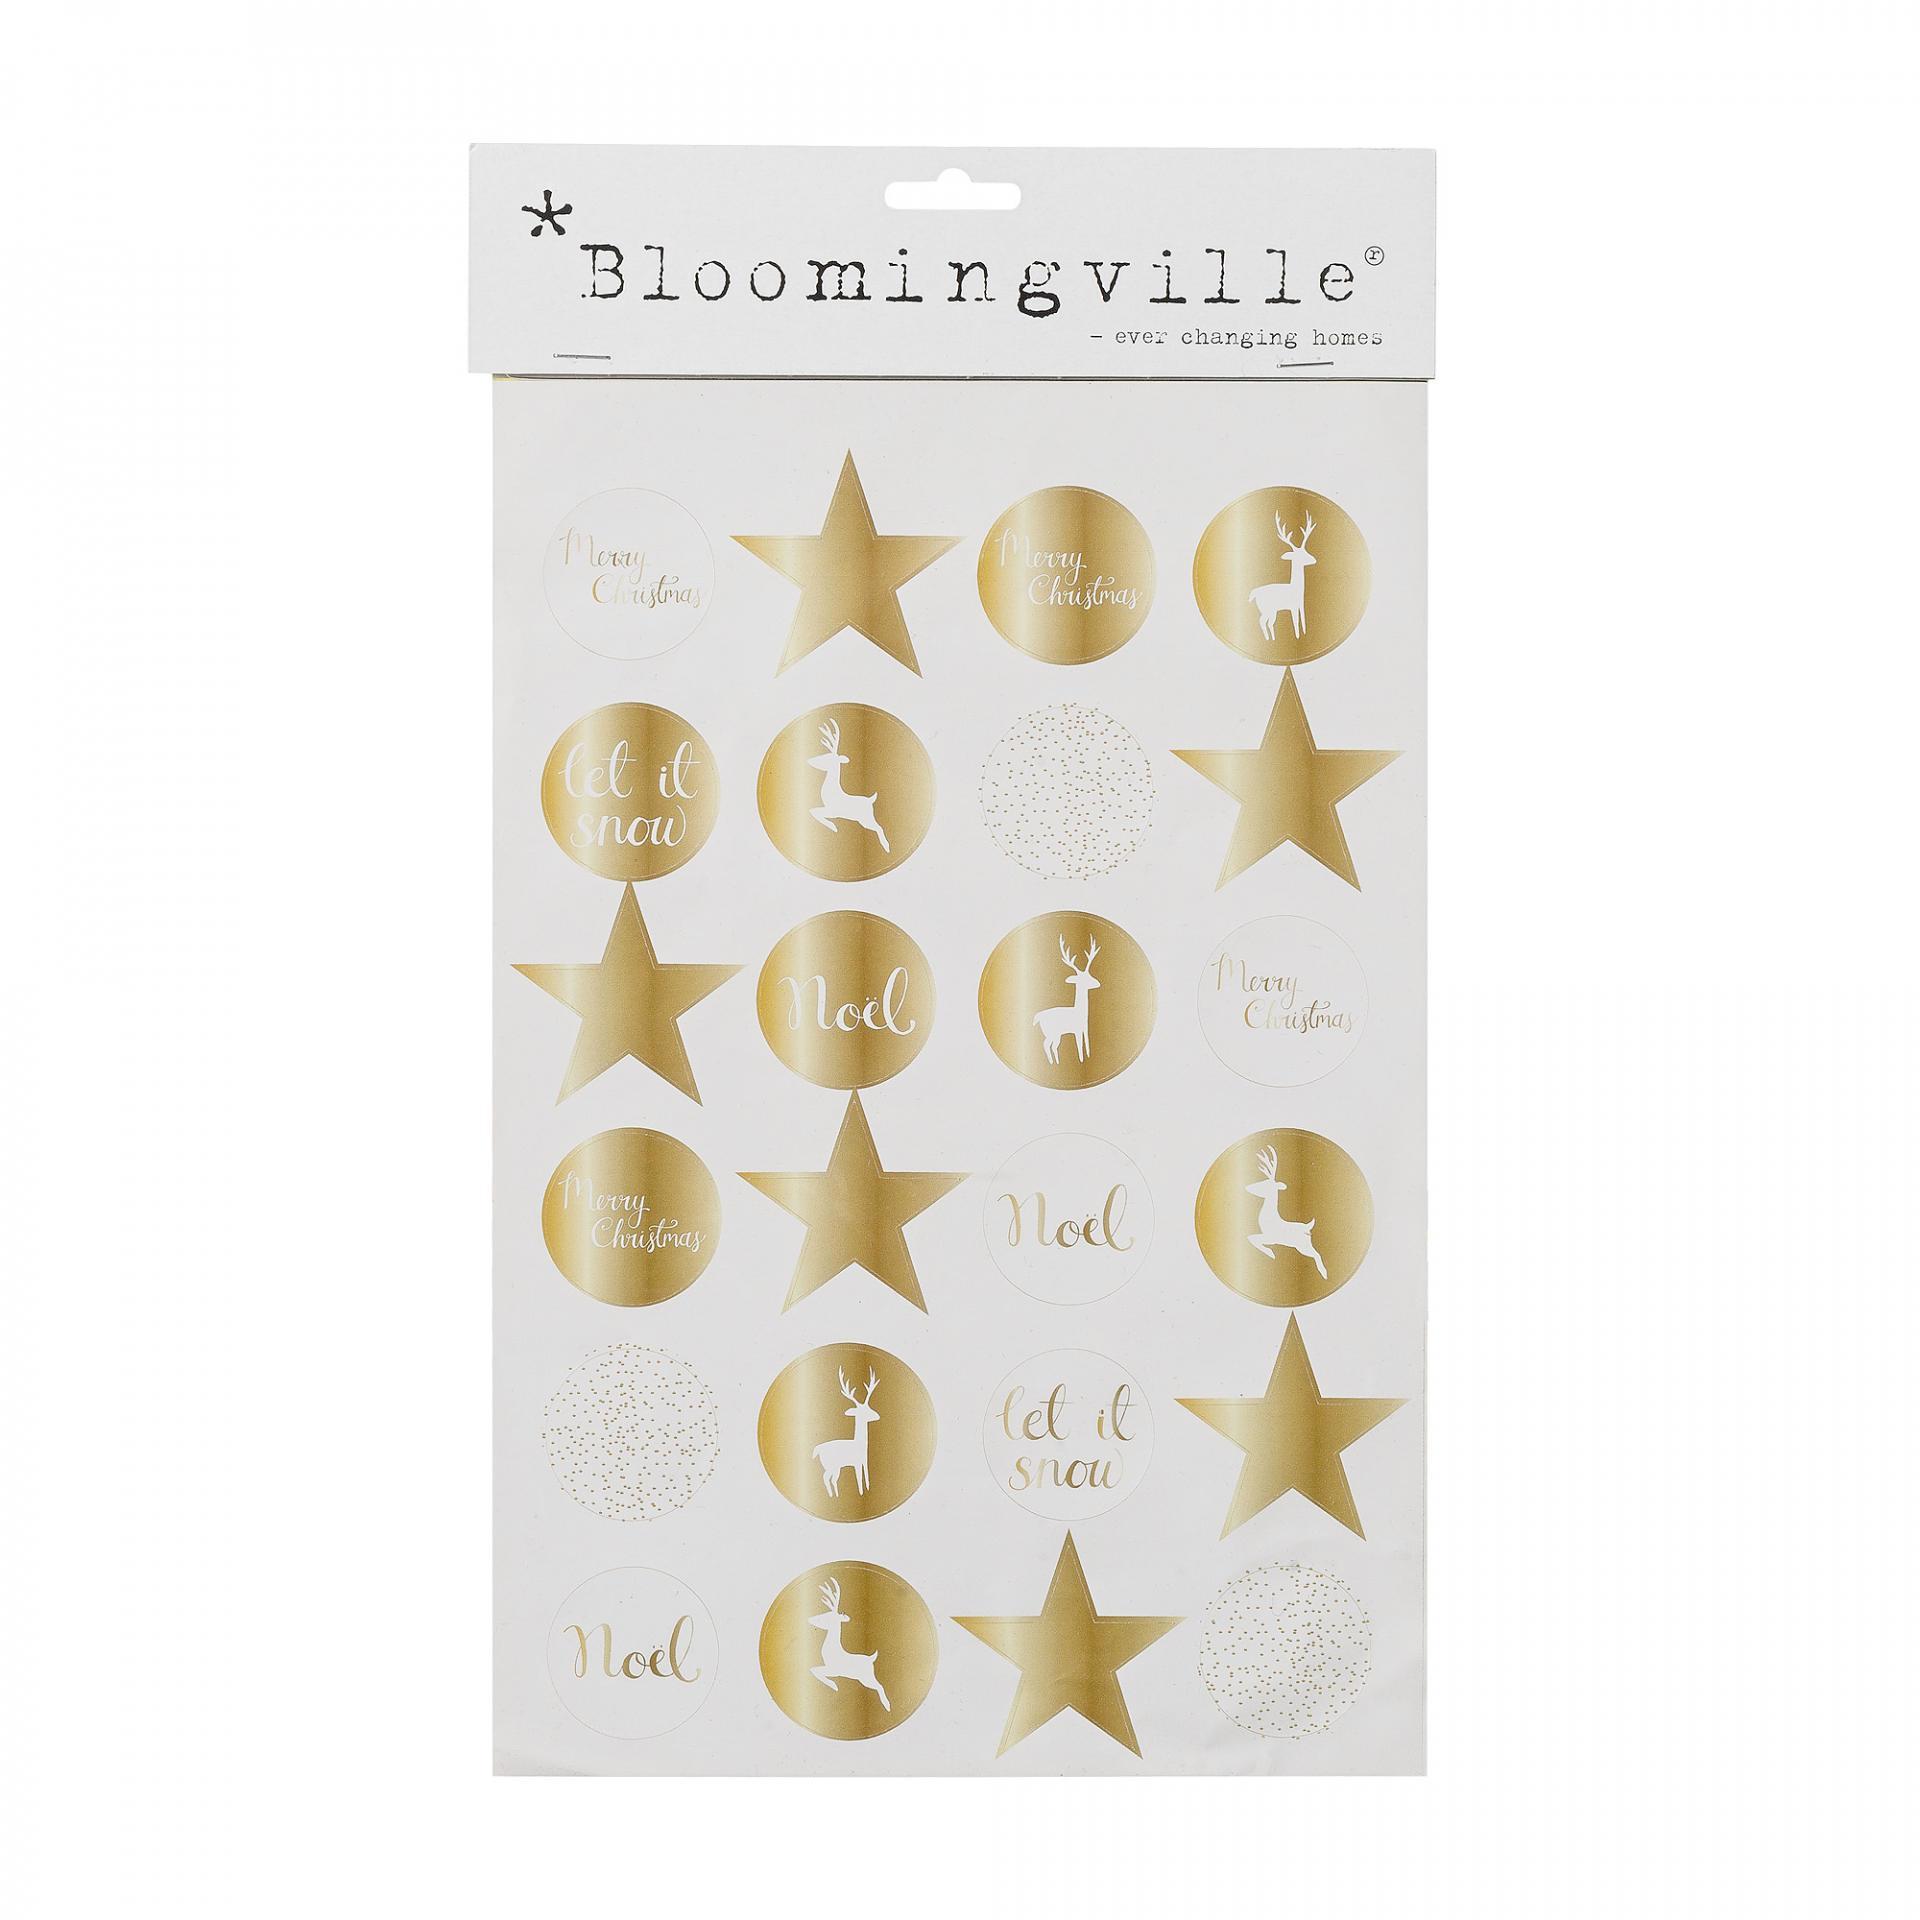 Bloomingville Vánoční nálepky Gold - 24 ks, zlatá barva, papír